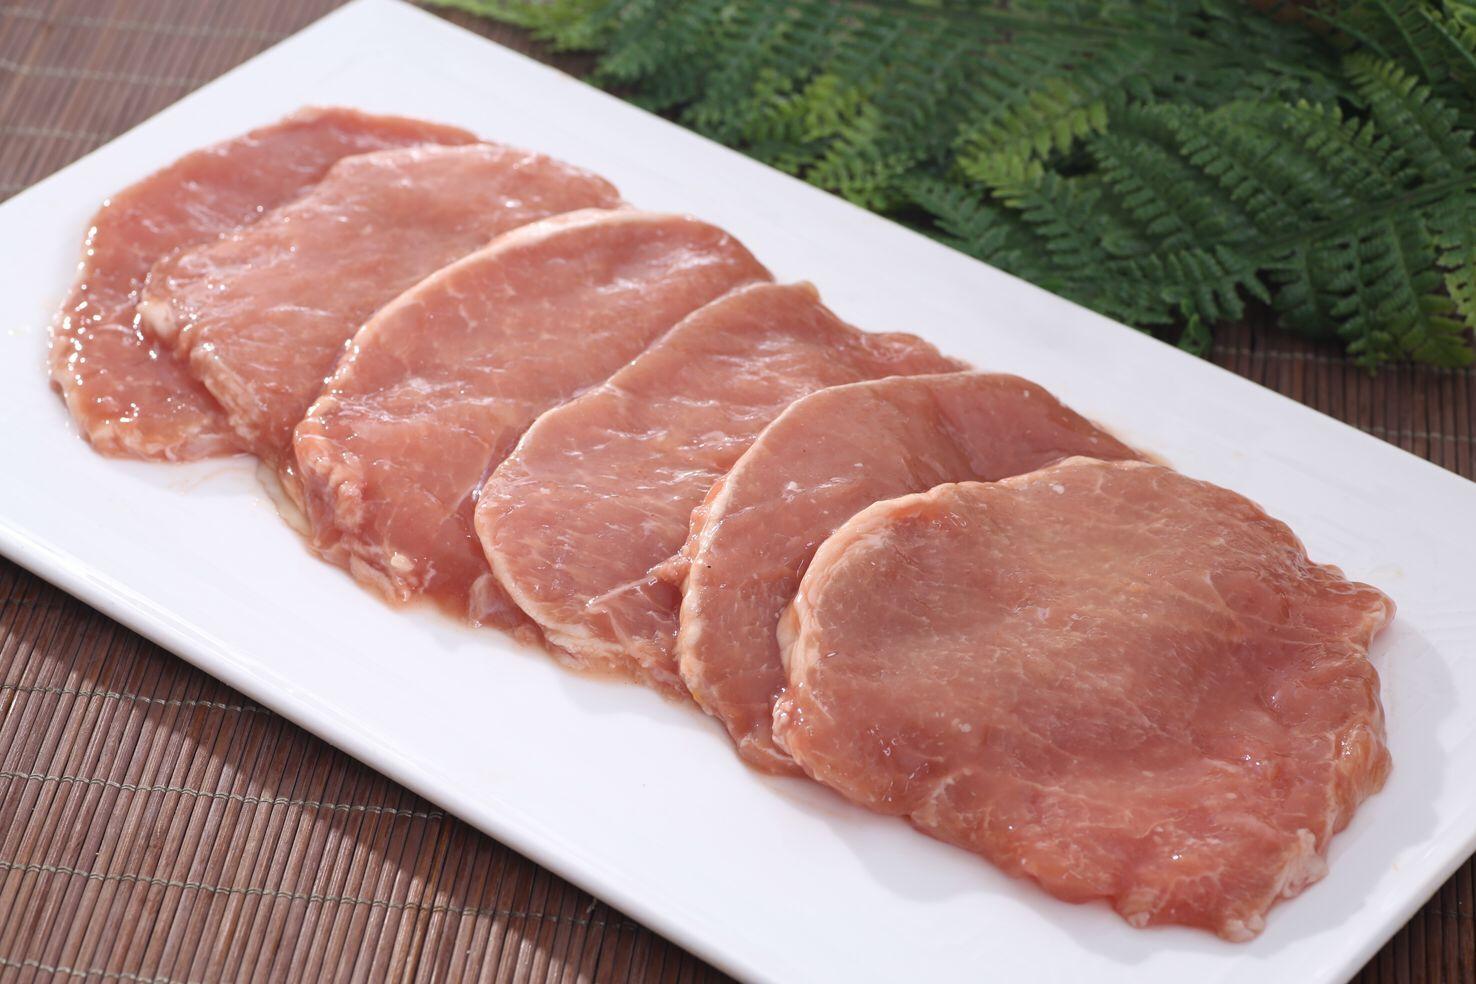 广东冷冻肉食品生产-采购高性价冷冻肉食品就找堂记食品